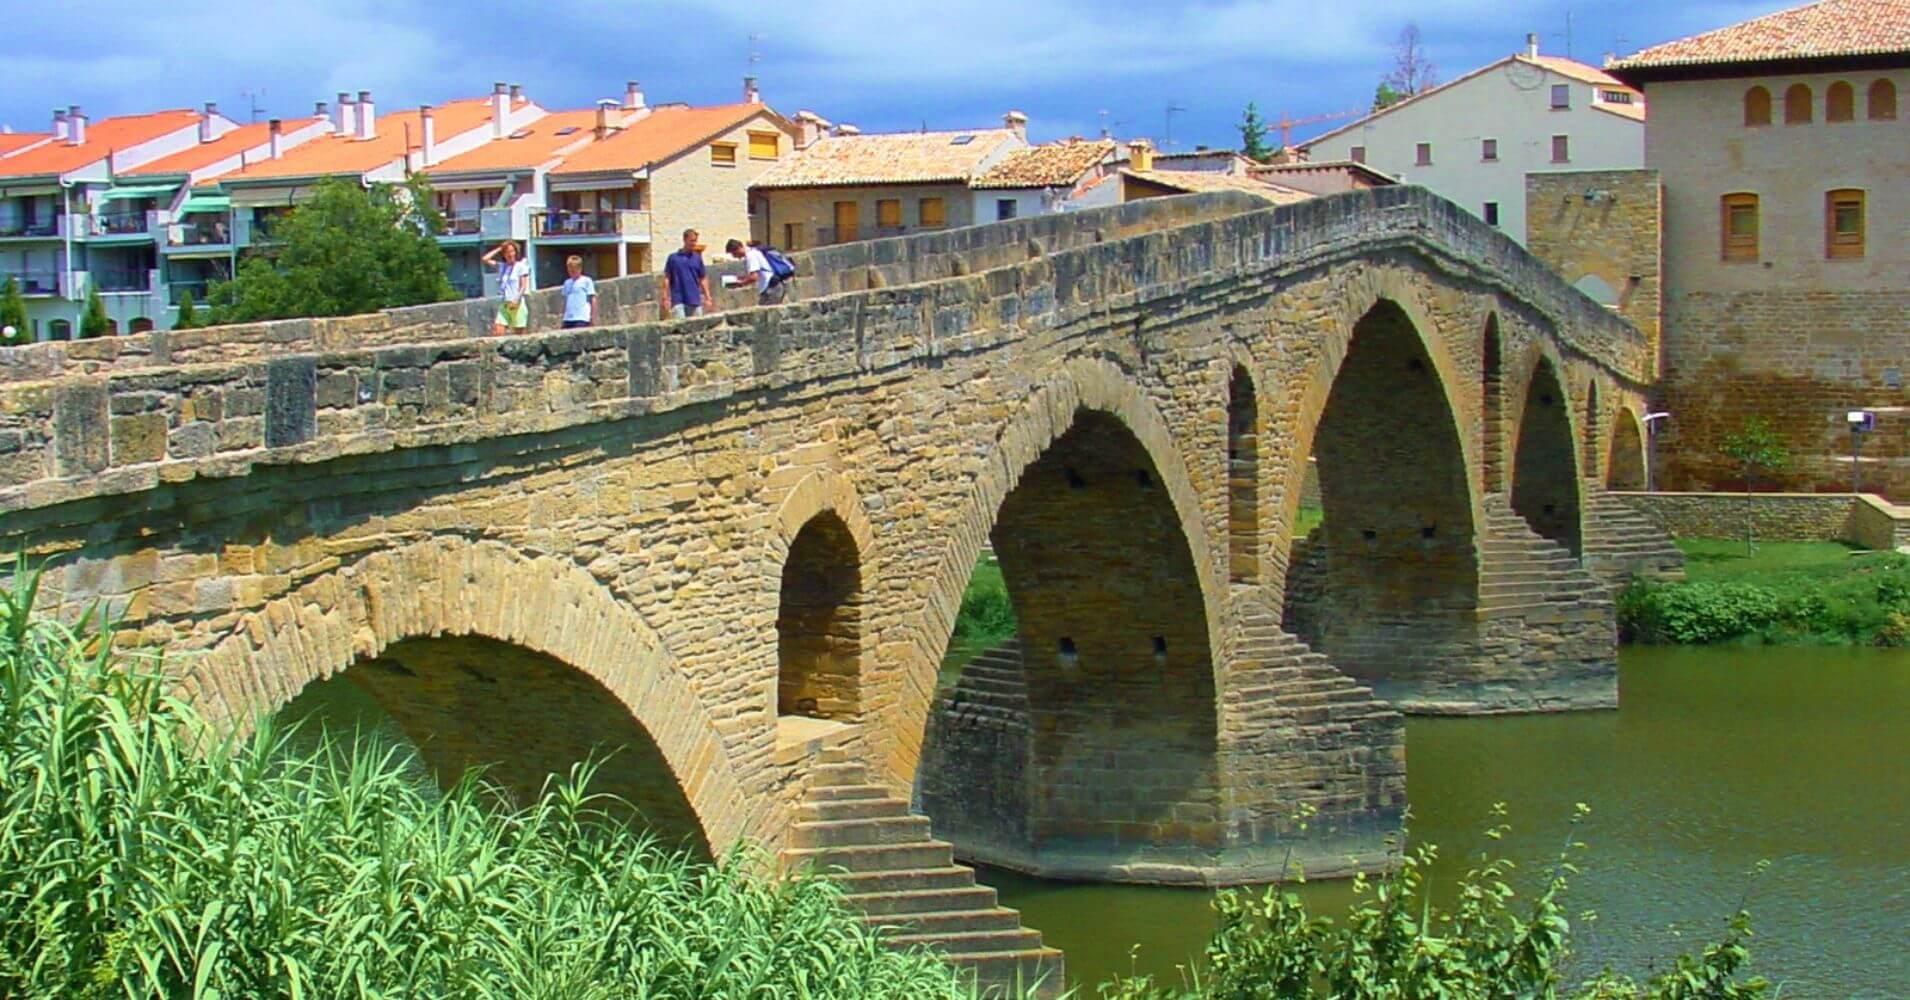 Puente de la Reina. Camino de Santiago. Navarra.